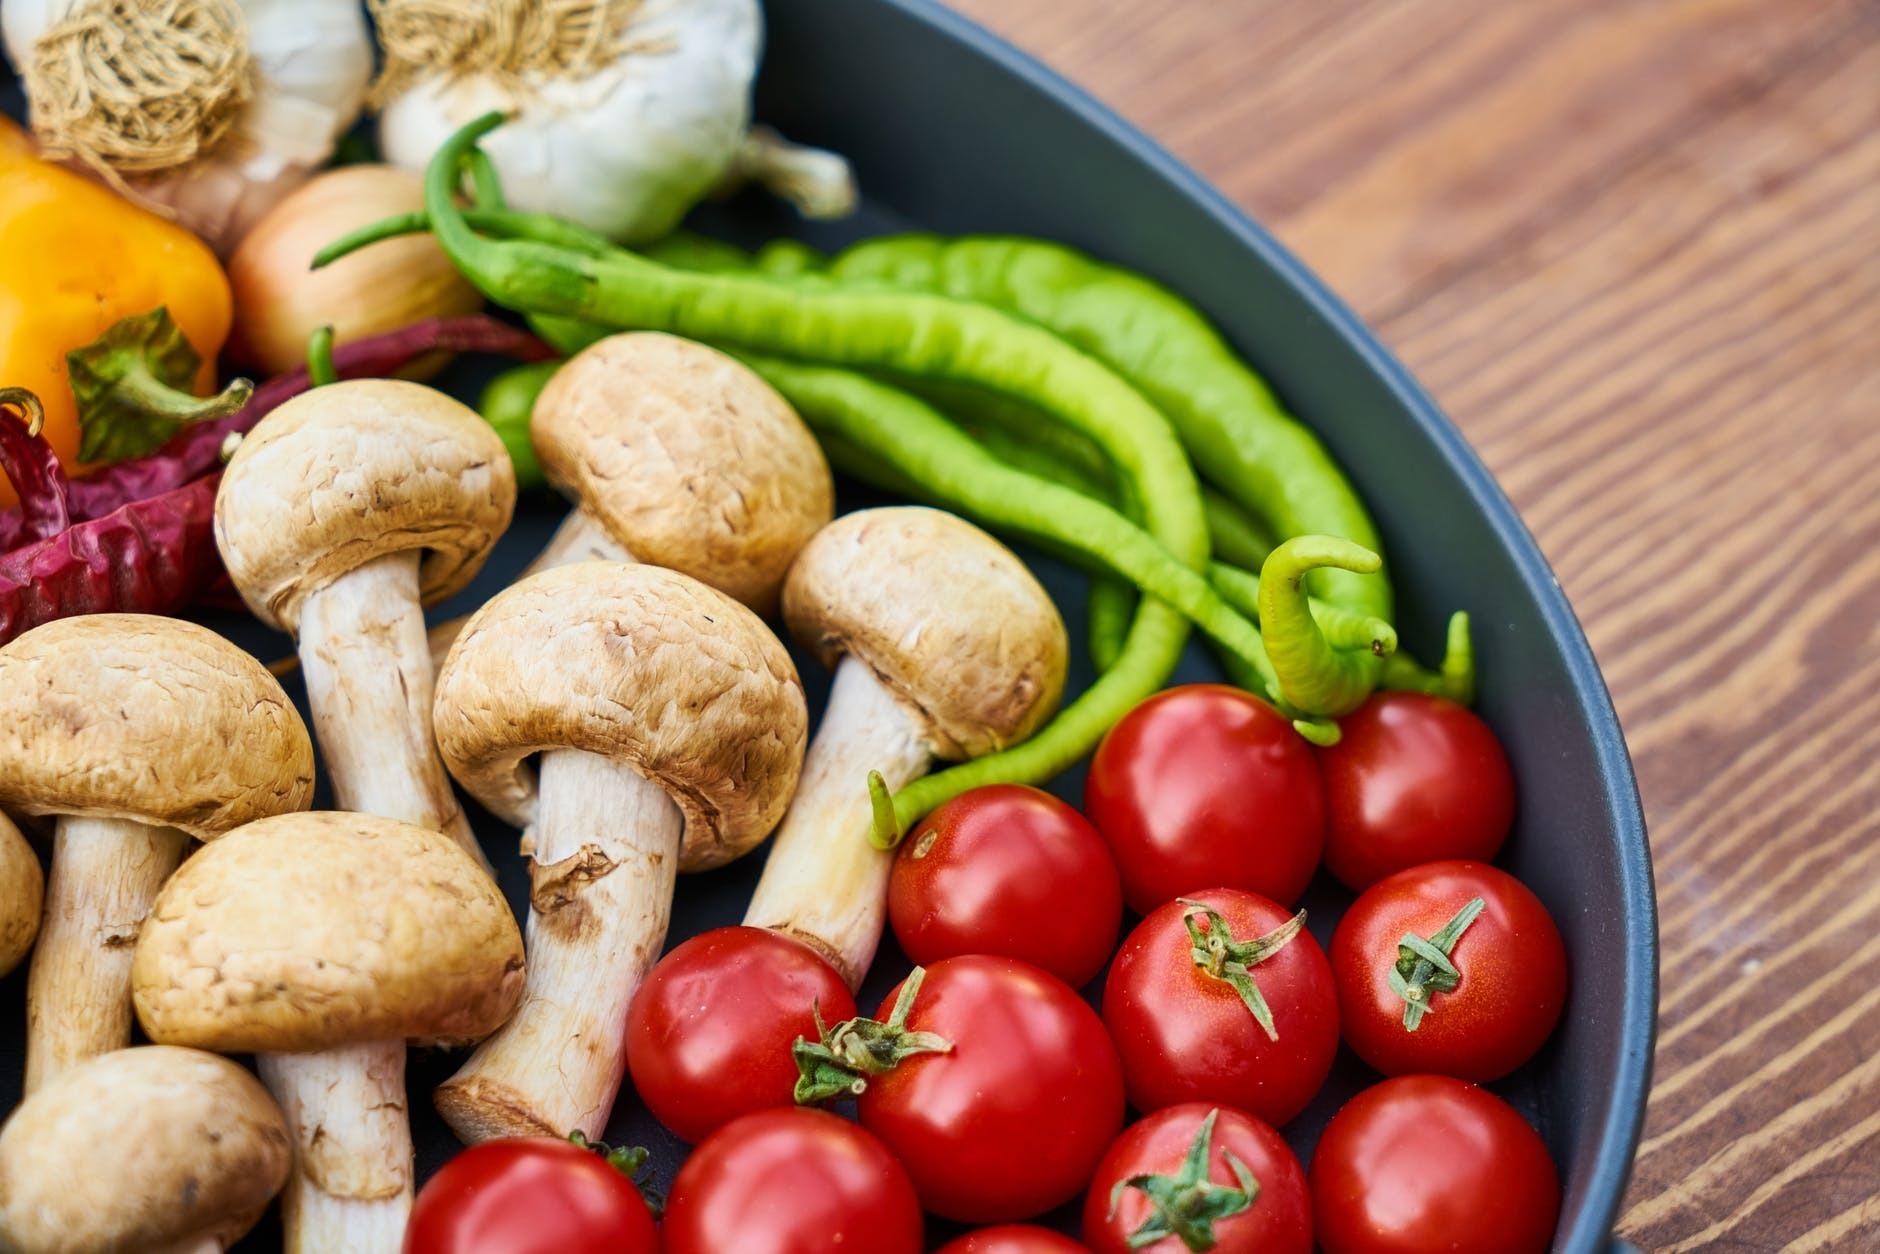 makanan pengganti untuk vegetarian yang sehat